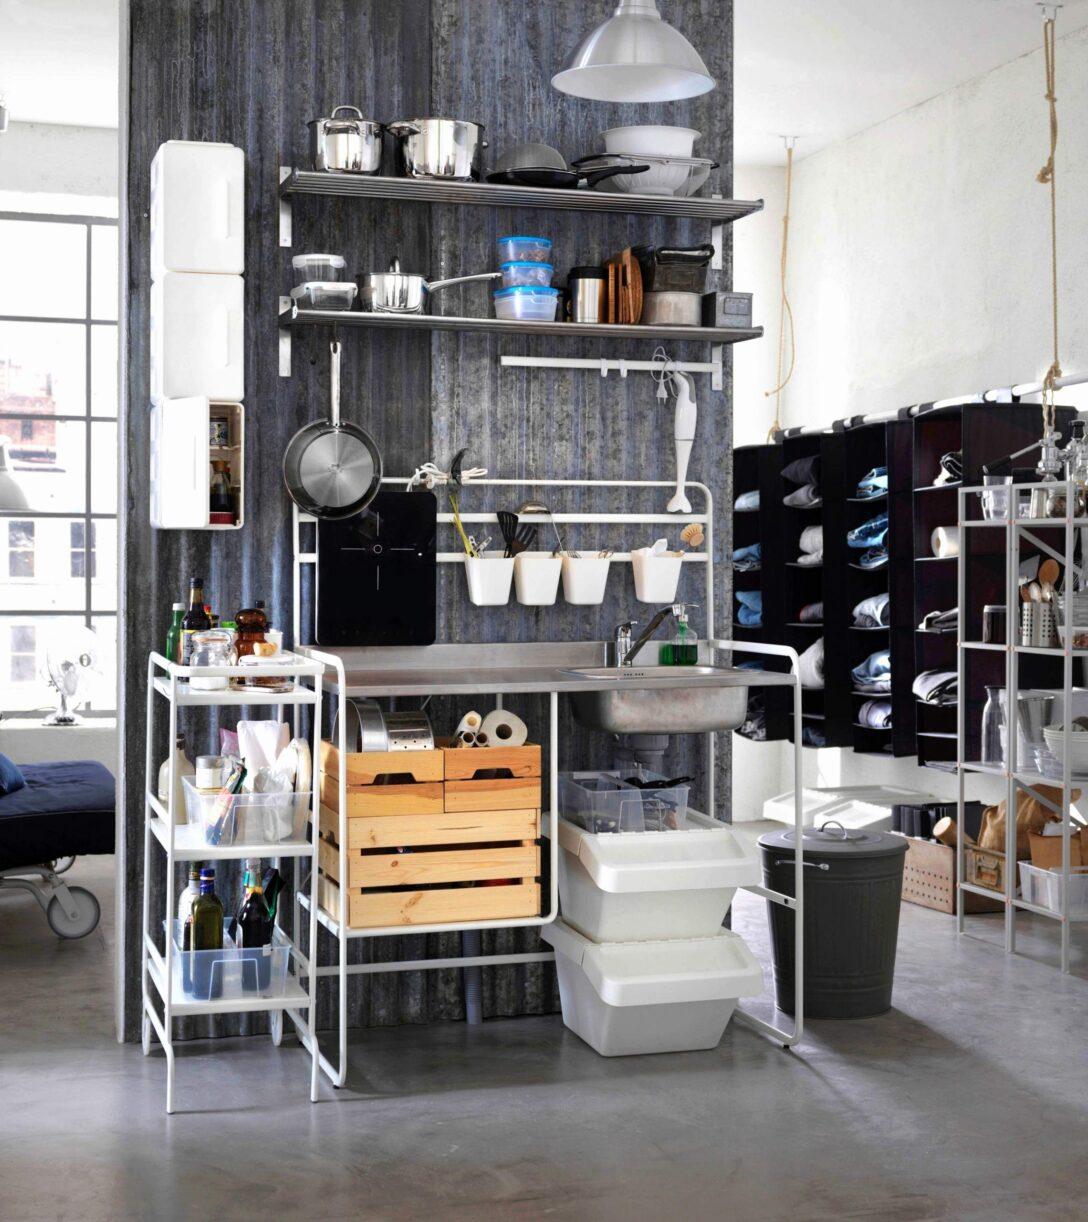 Large Size of Relaxliege Wohnzimmer Ikea Liege Caseconradcom Tisch Deckenlampe Pendelleuchte Dekoration Vinylboden Kamin Landhausstil Lampen Vorhang Tapete Stehlampen Sessel Wohnzimmer Relaxliege Wohnzimmer Ikea